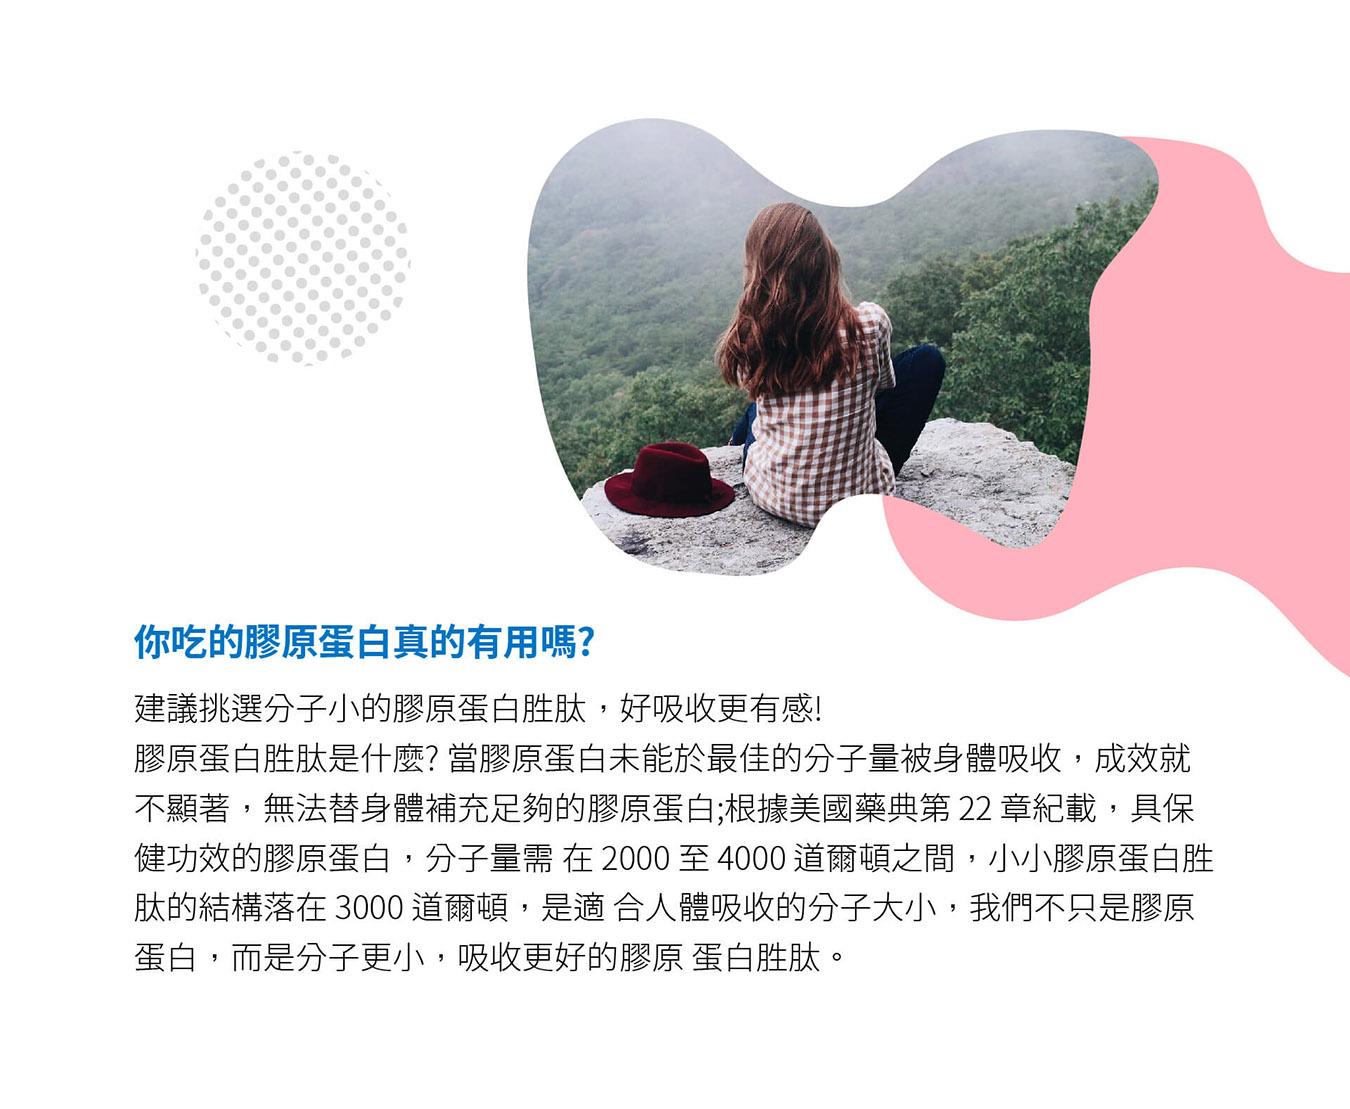 膠原蛋白推薦【小小膠原蛋白】胜肽等級100%純膠原蛋白粉-網友好評推薦-網紅/空姐最愛